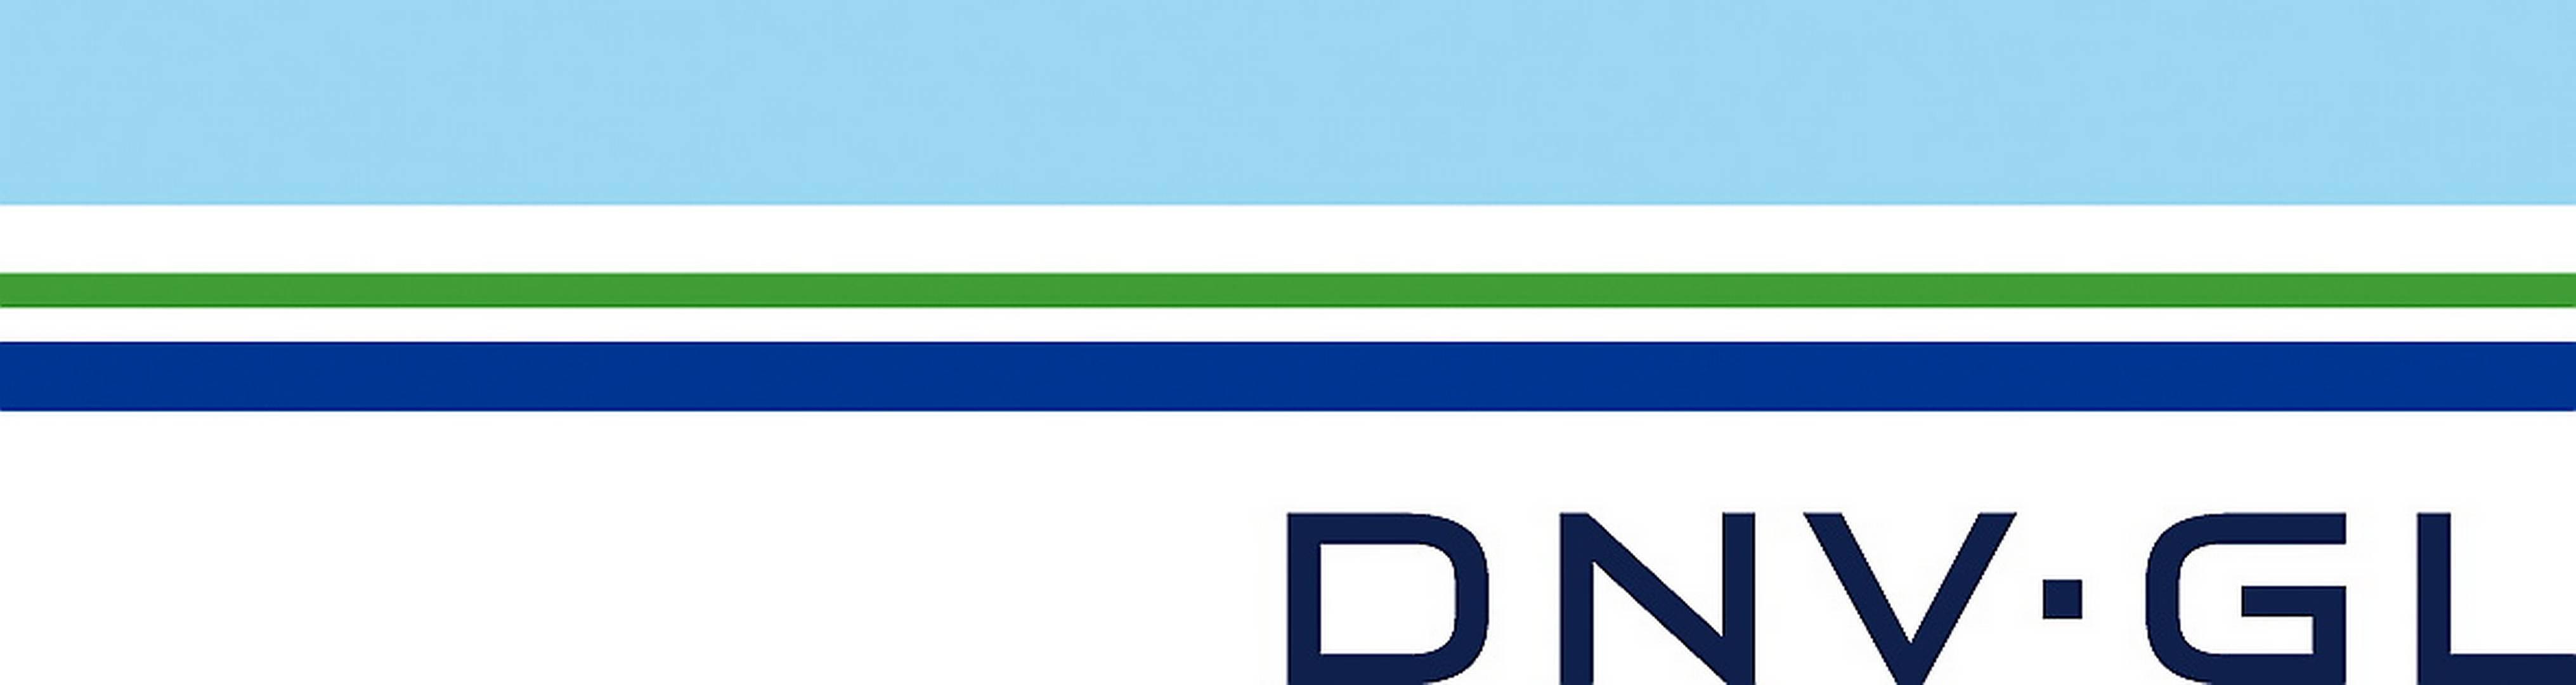 DNV GL logo large